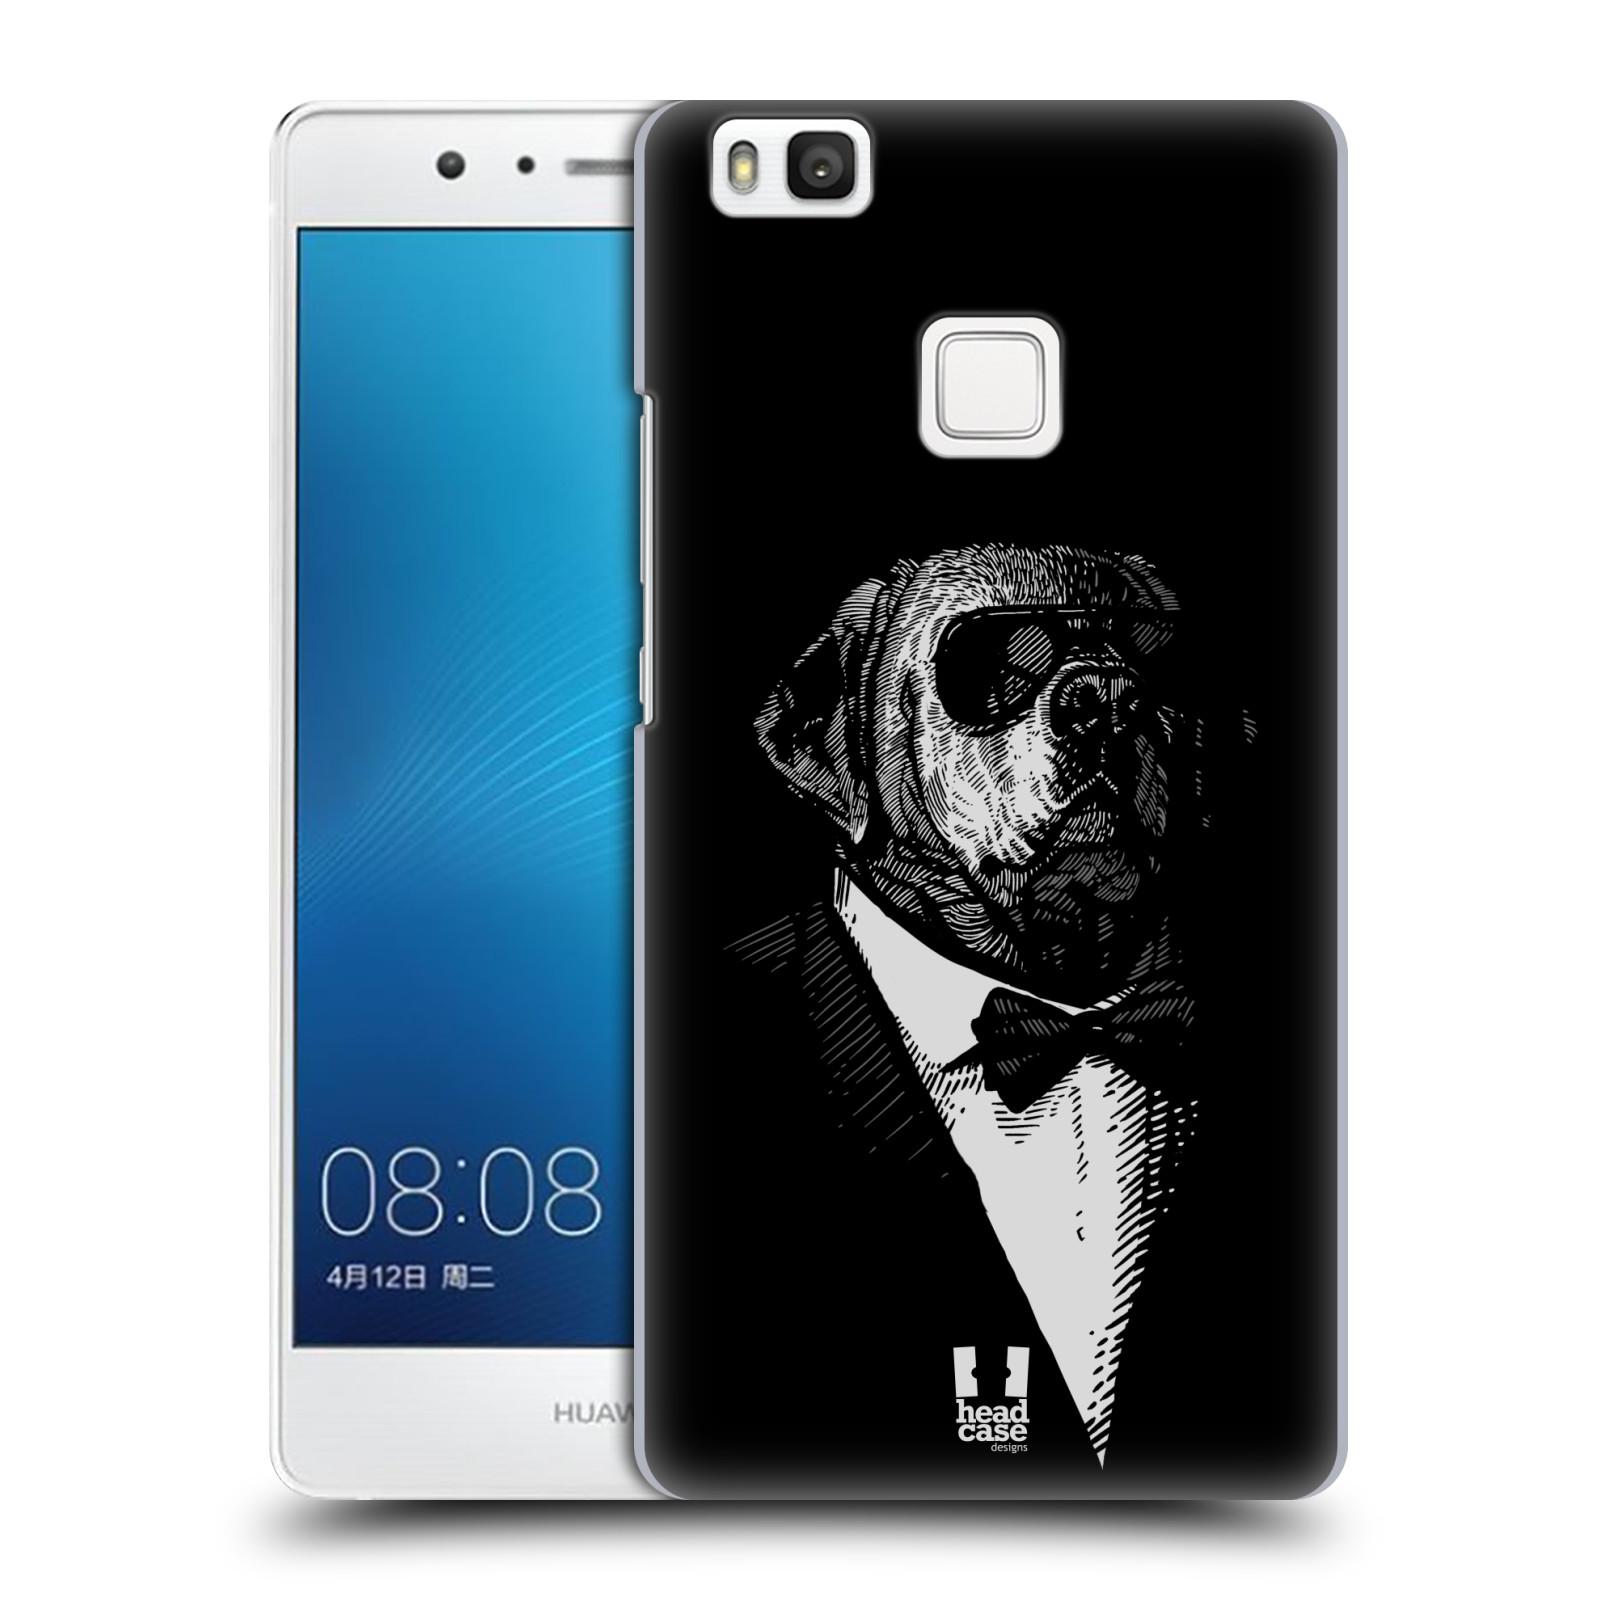 HEAD CASE plastový obal na mobil Huawei P9 LITE / P9 LITE DUAL SIM vzor Zvíře v obleku pes